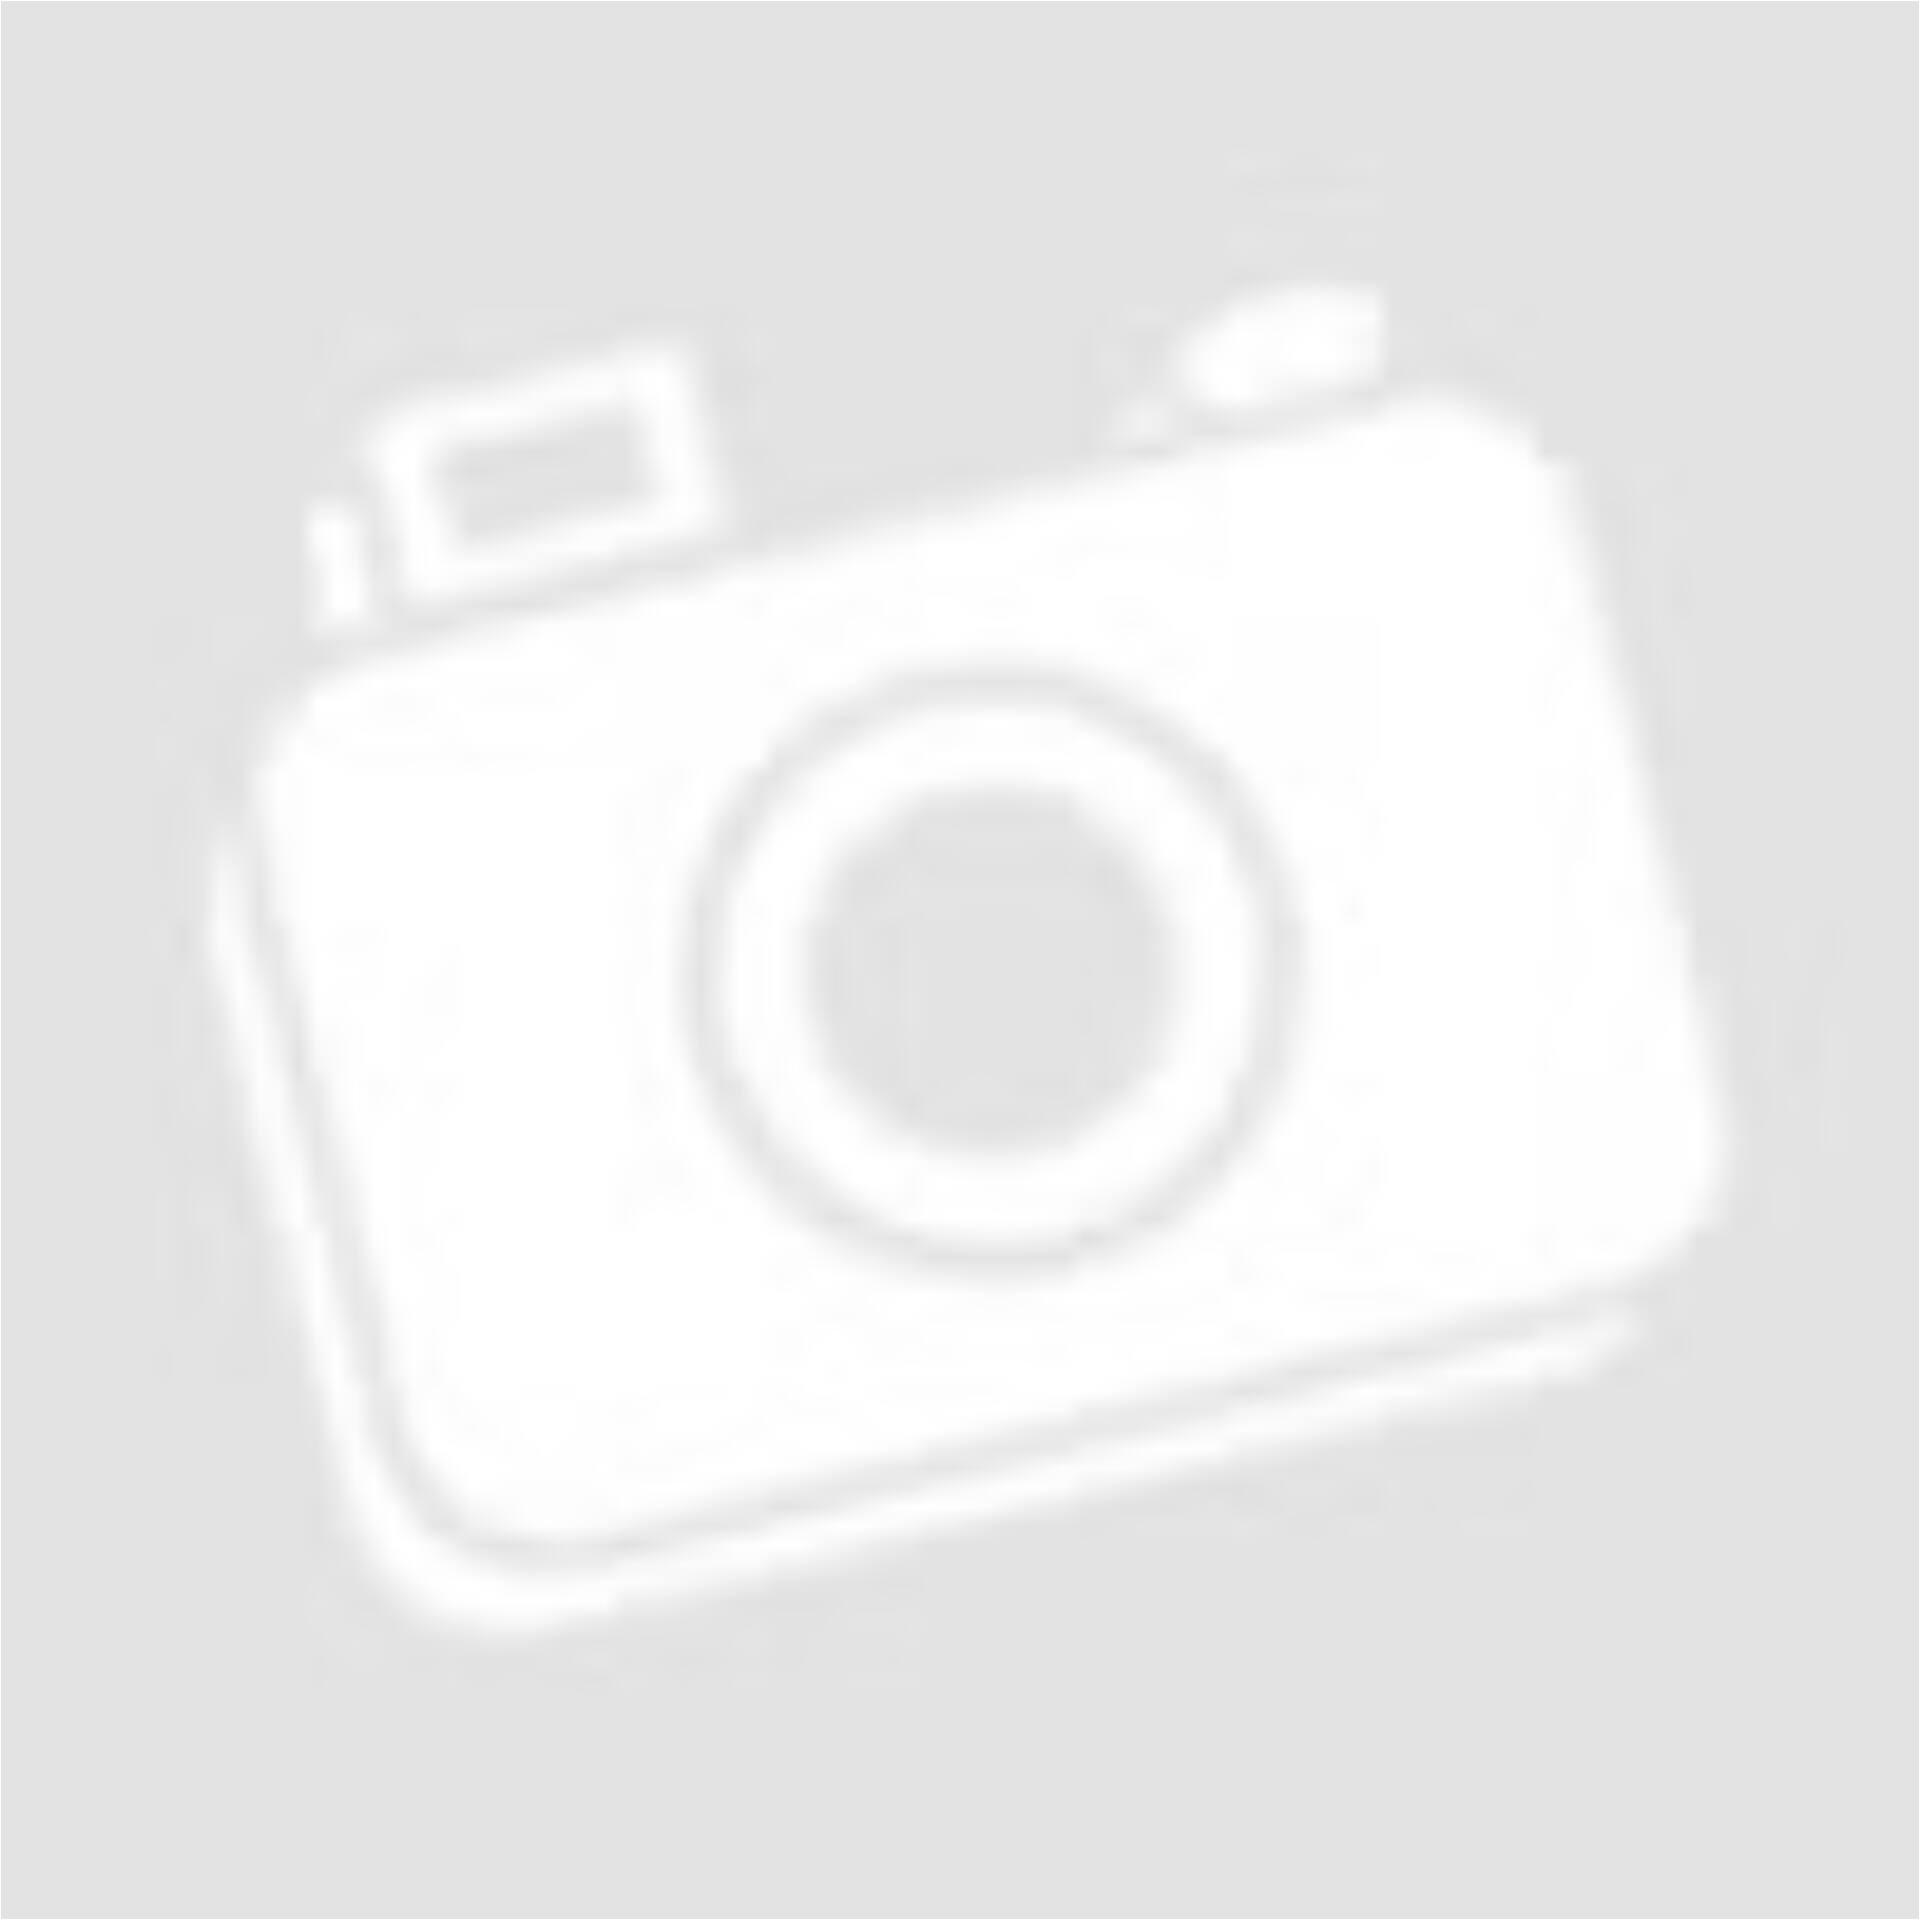 16c754f59b LAURA TORELLI kék színű capri nadrág (Méret: XS) - Rövidnadrág ...